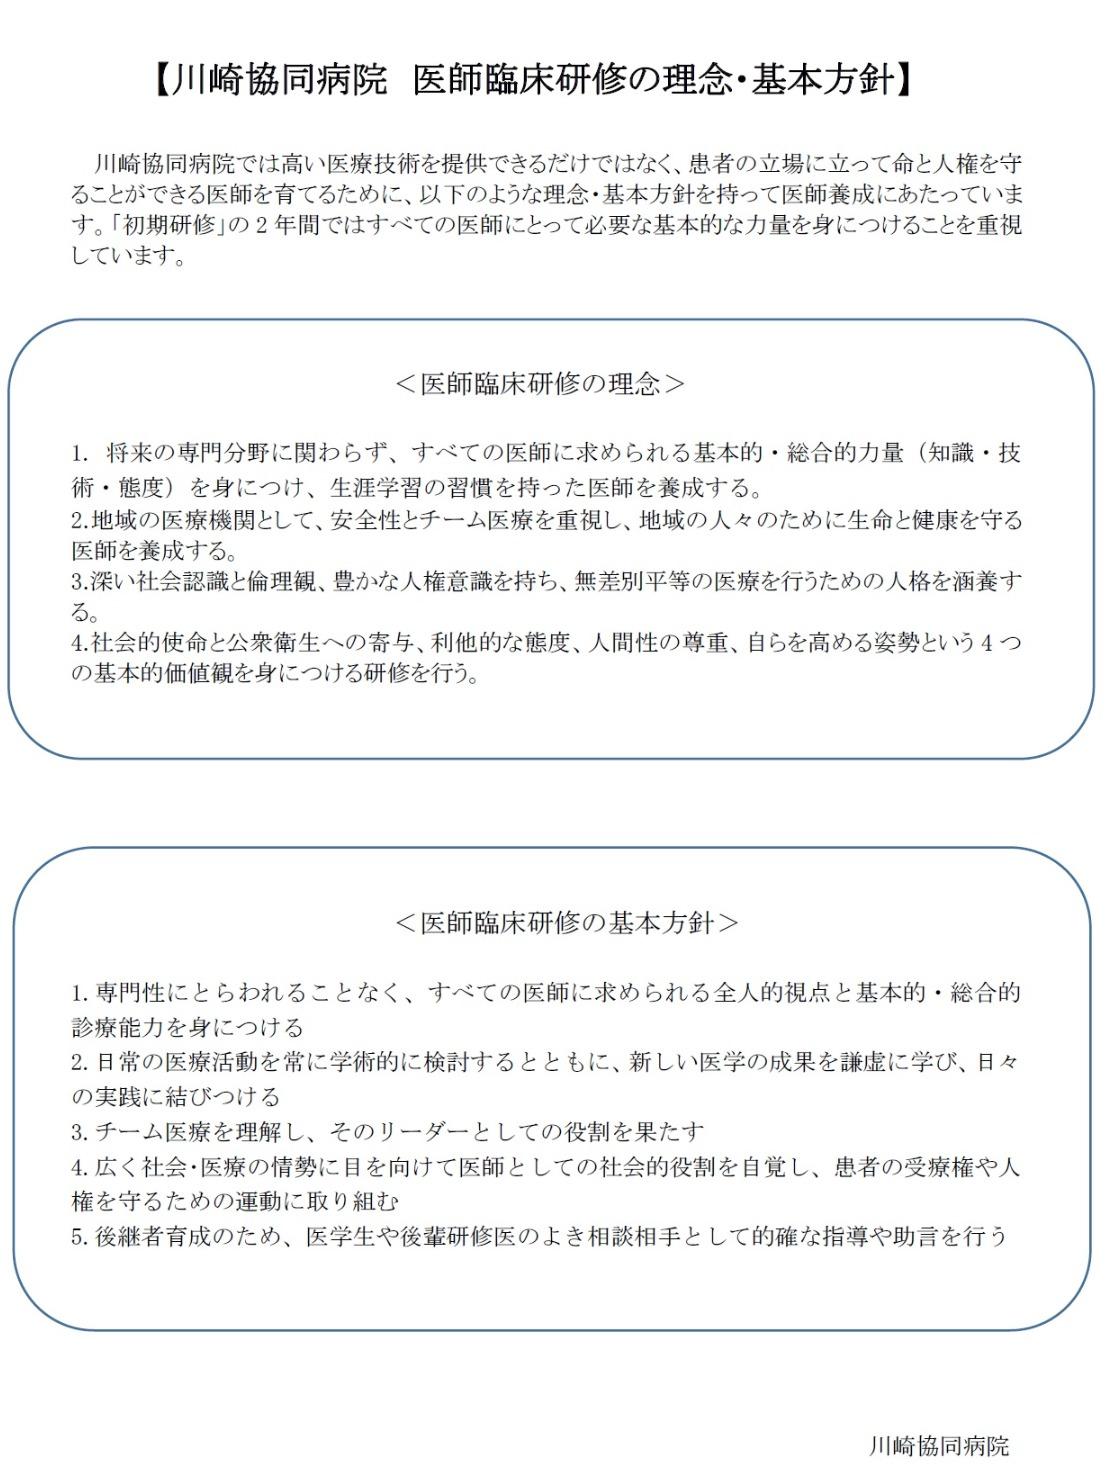 川崎協同病院医師臨床の理念・基本方針